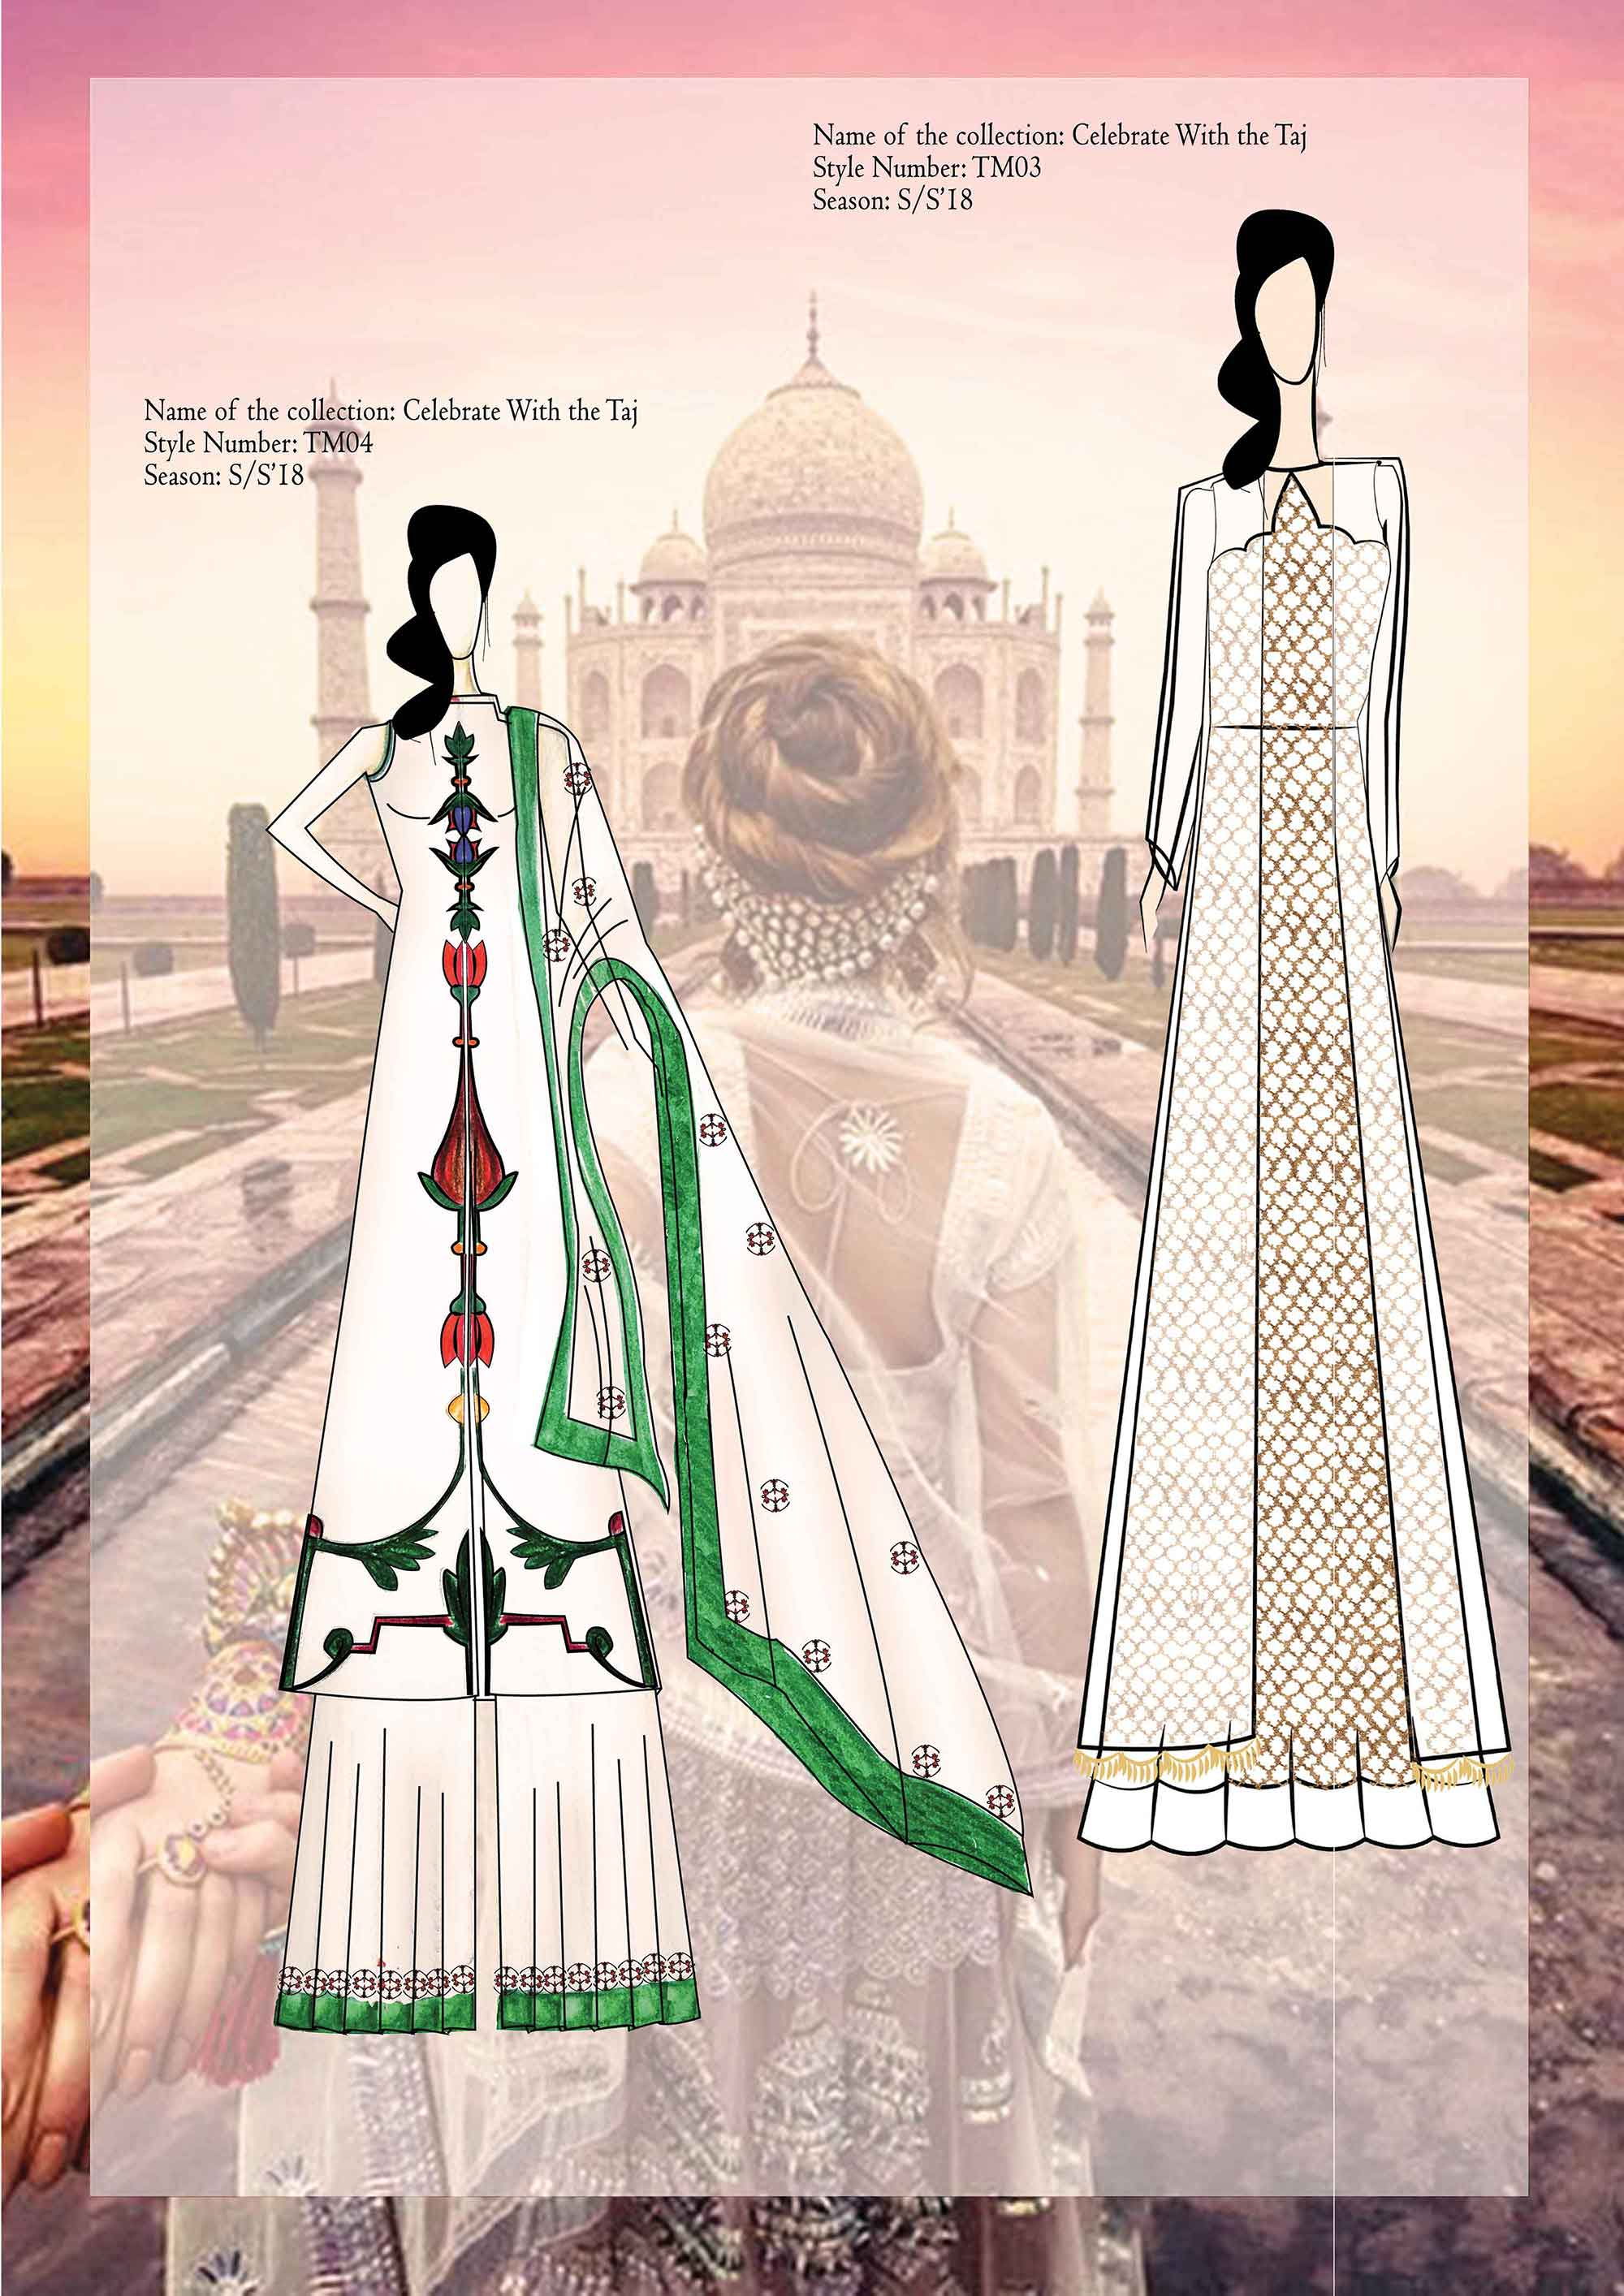 Celebrate with the Taj